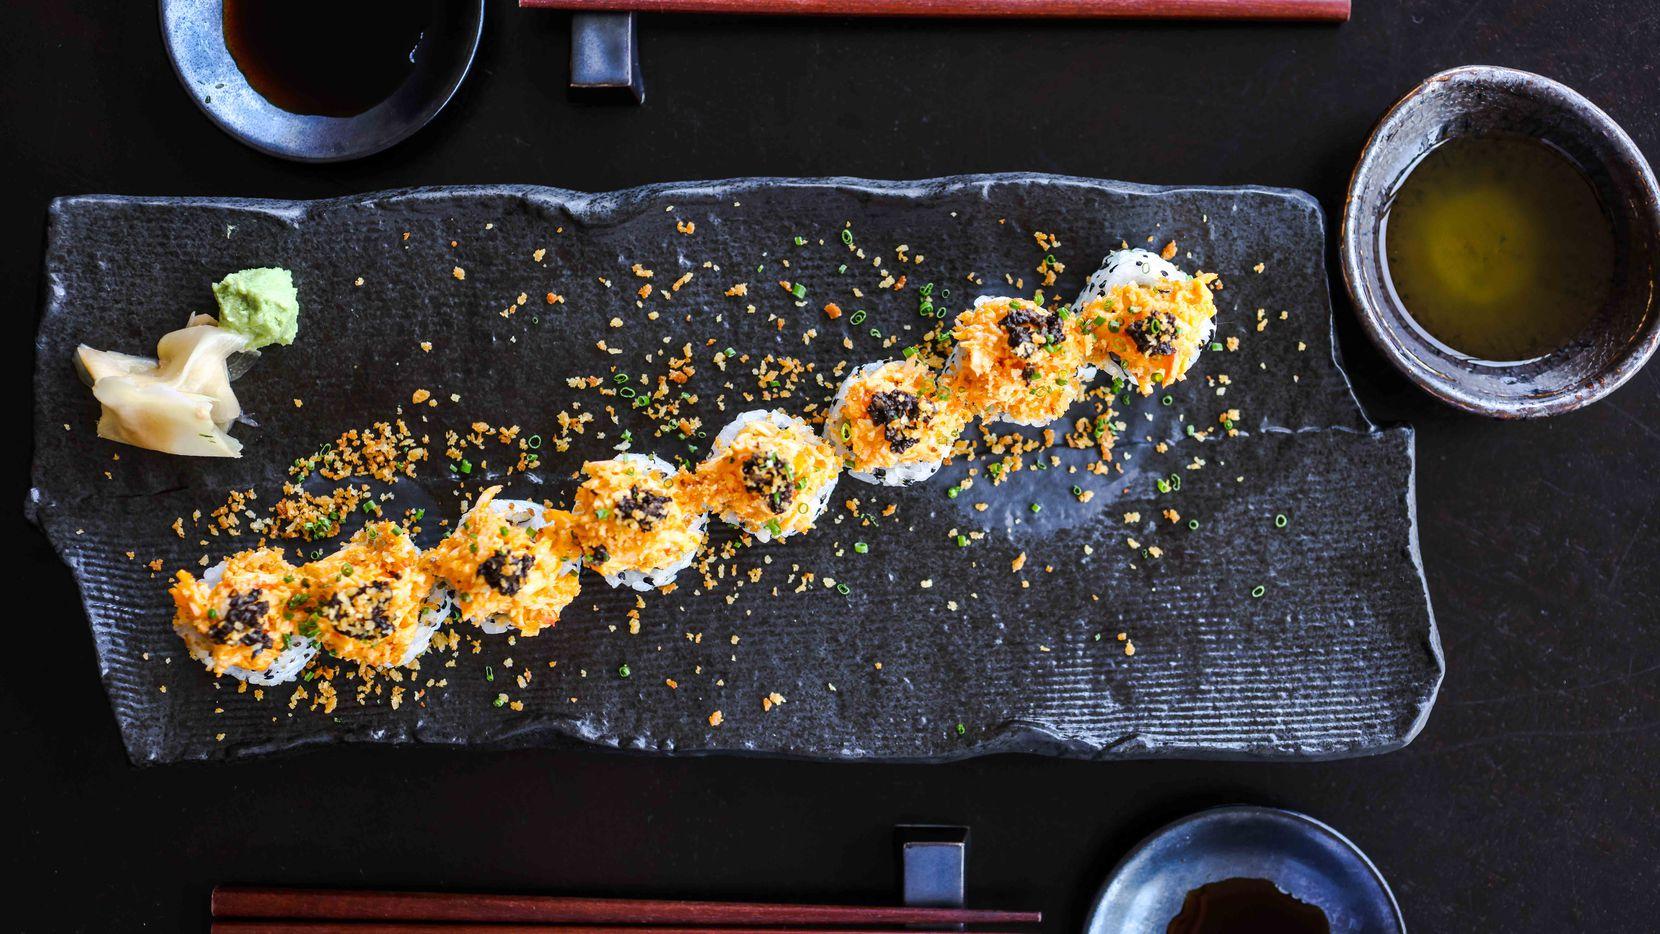 King Crab Roll by chef David Tran at Kessaku in Dallas